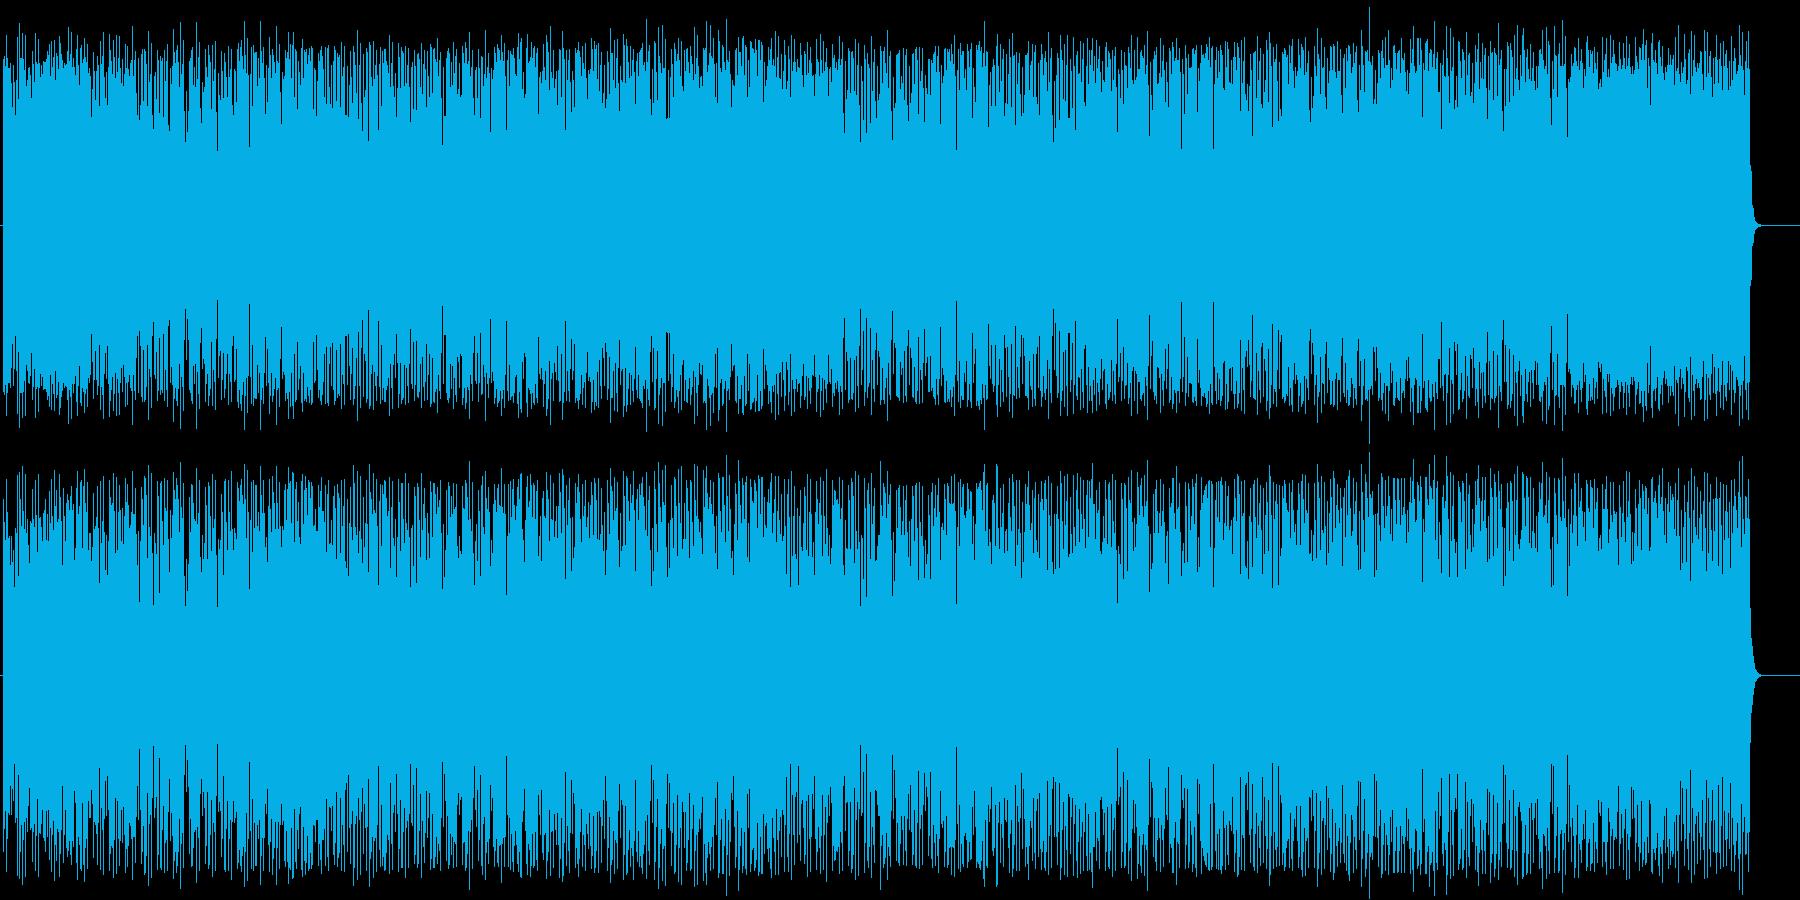 推進力ある元気なポップ(フルサイズ)の再生済みの波形